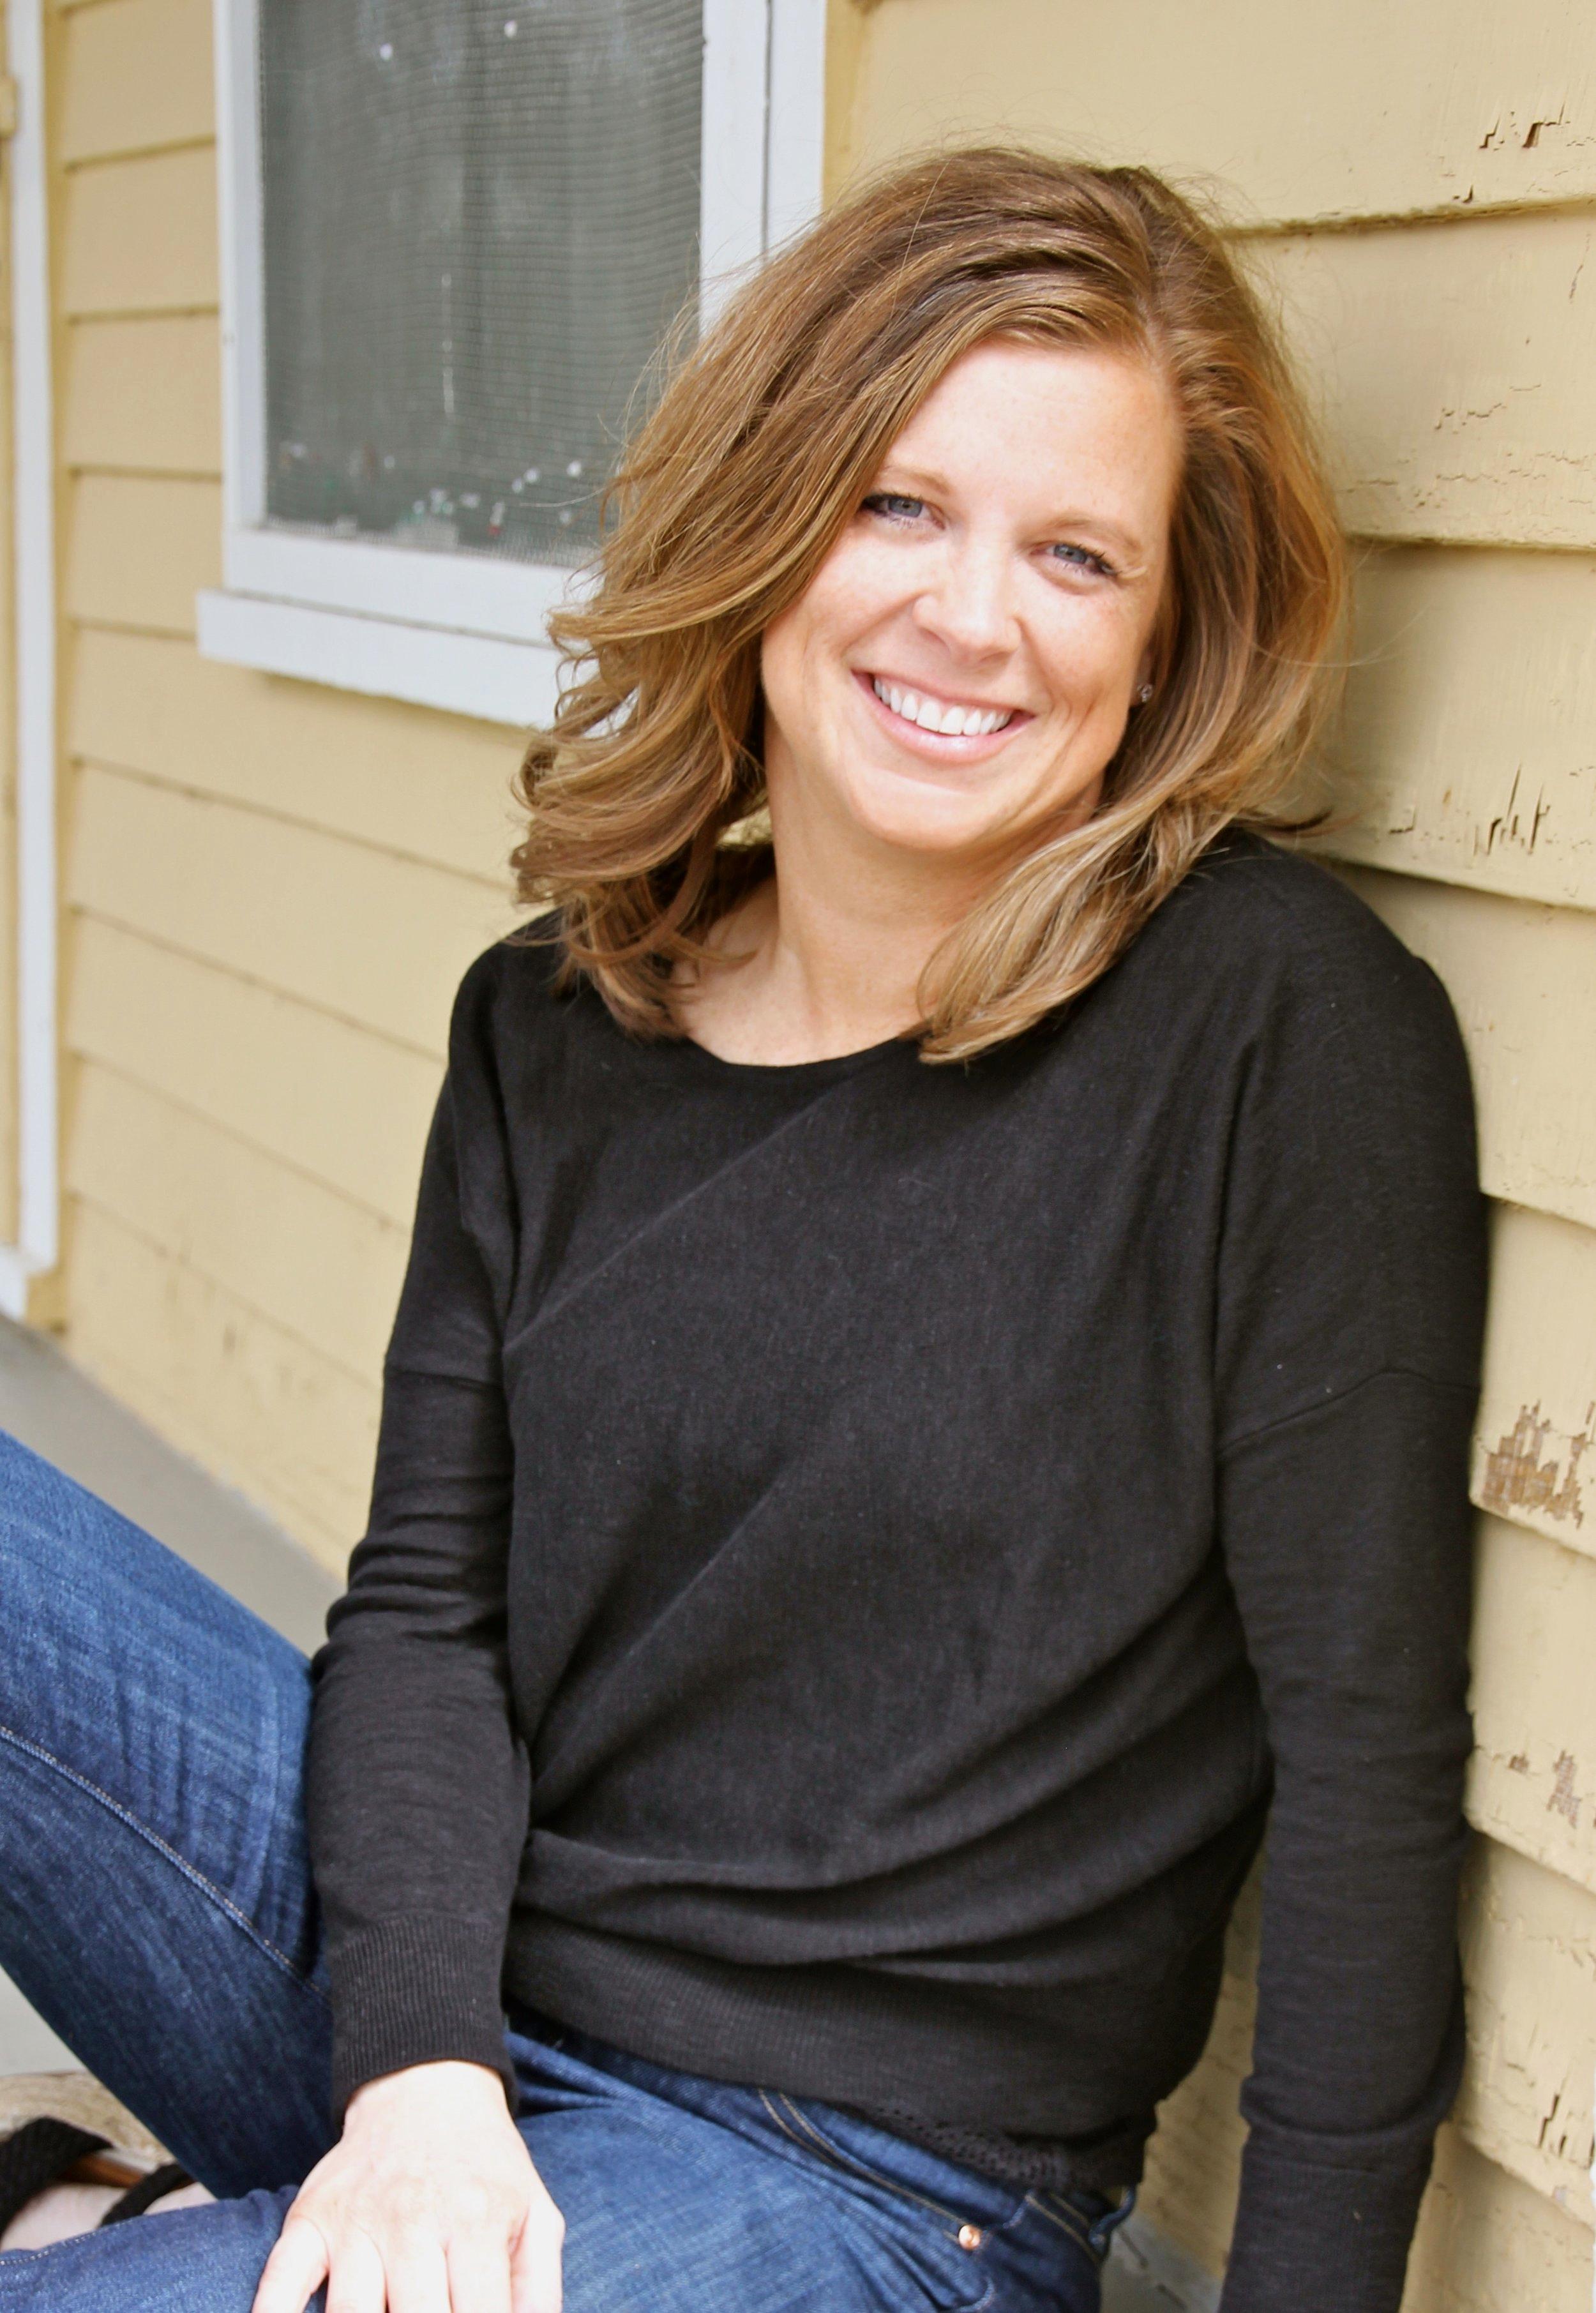 Sarah Kroenke, LSW, FT